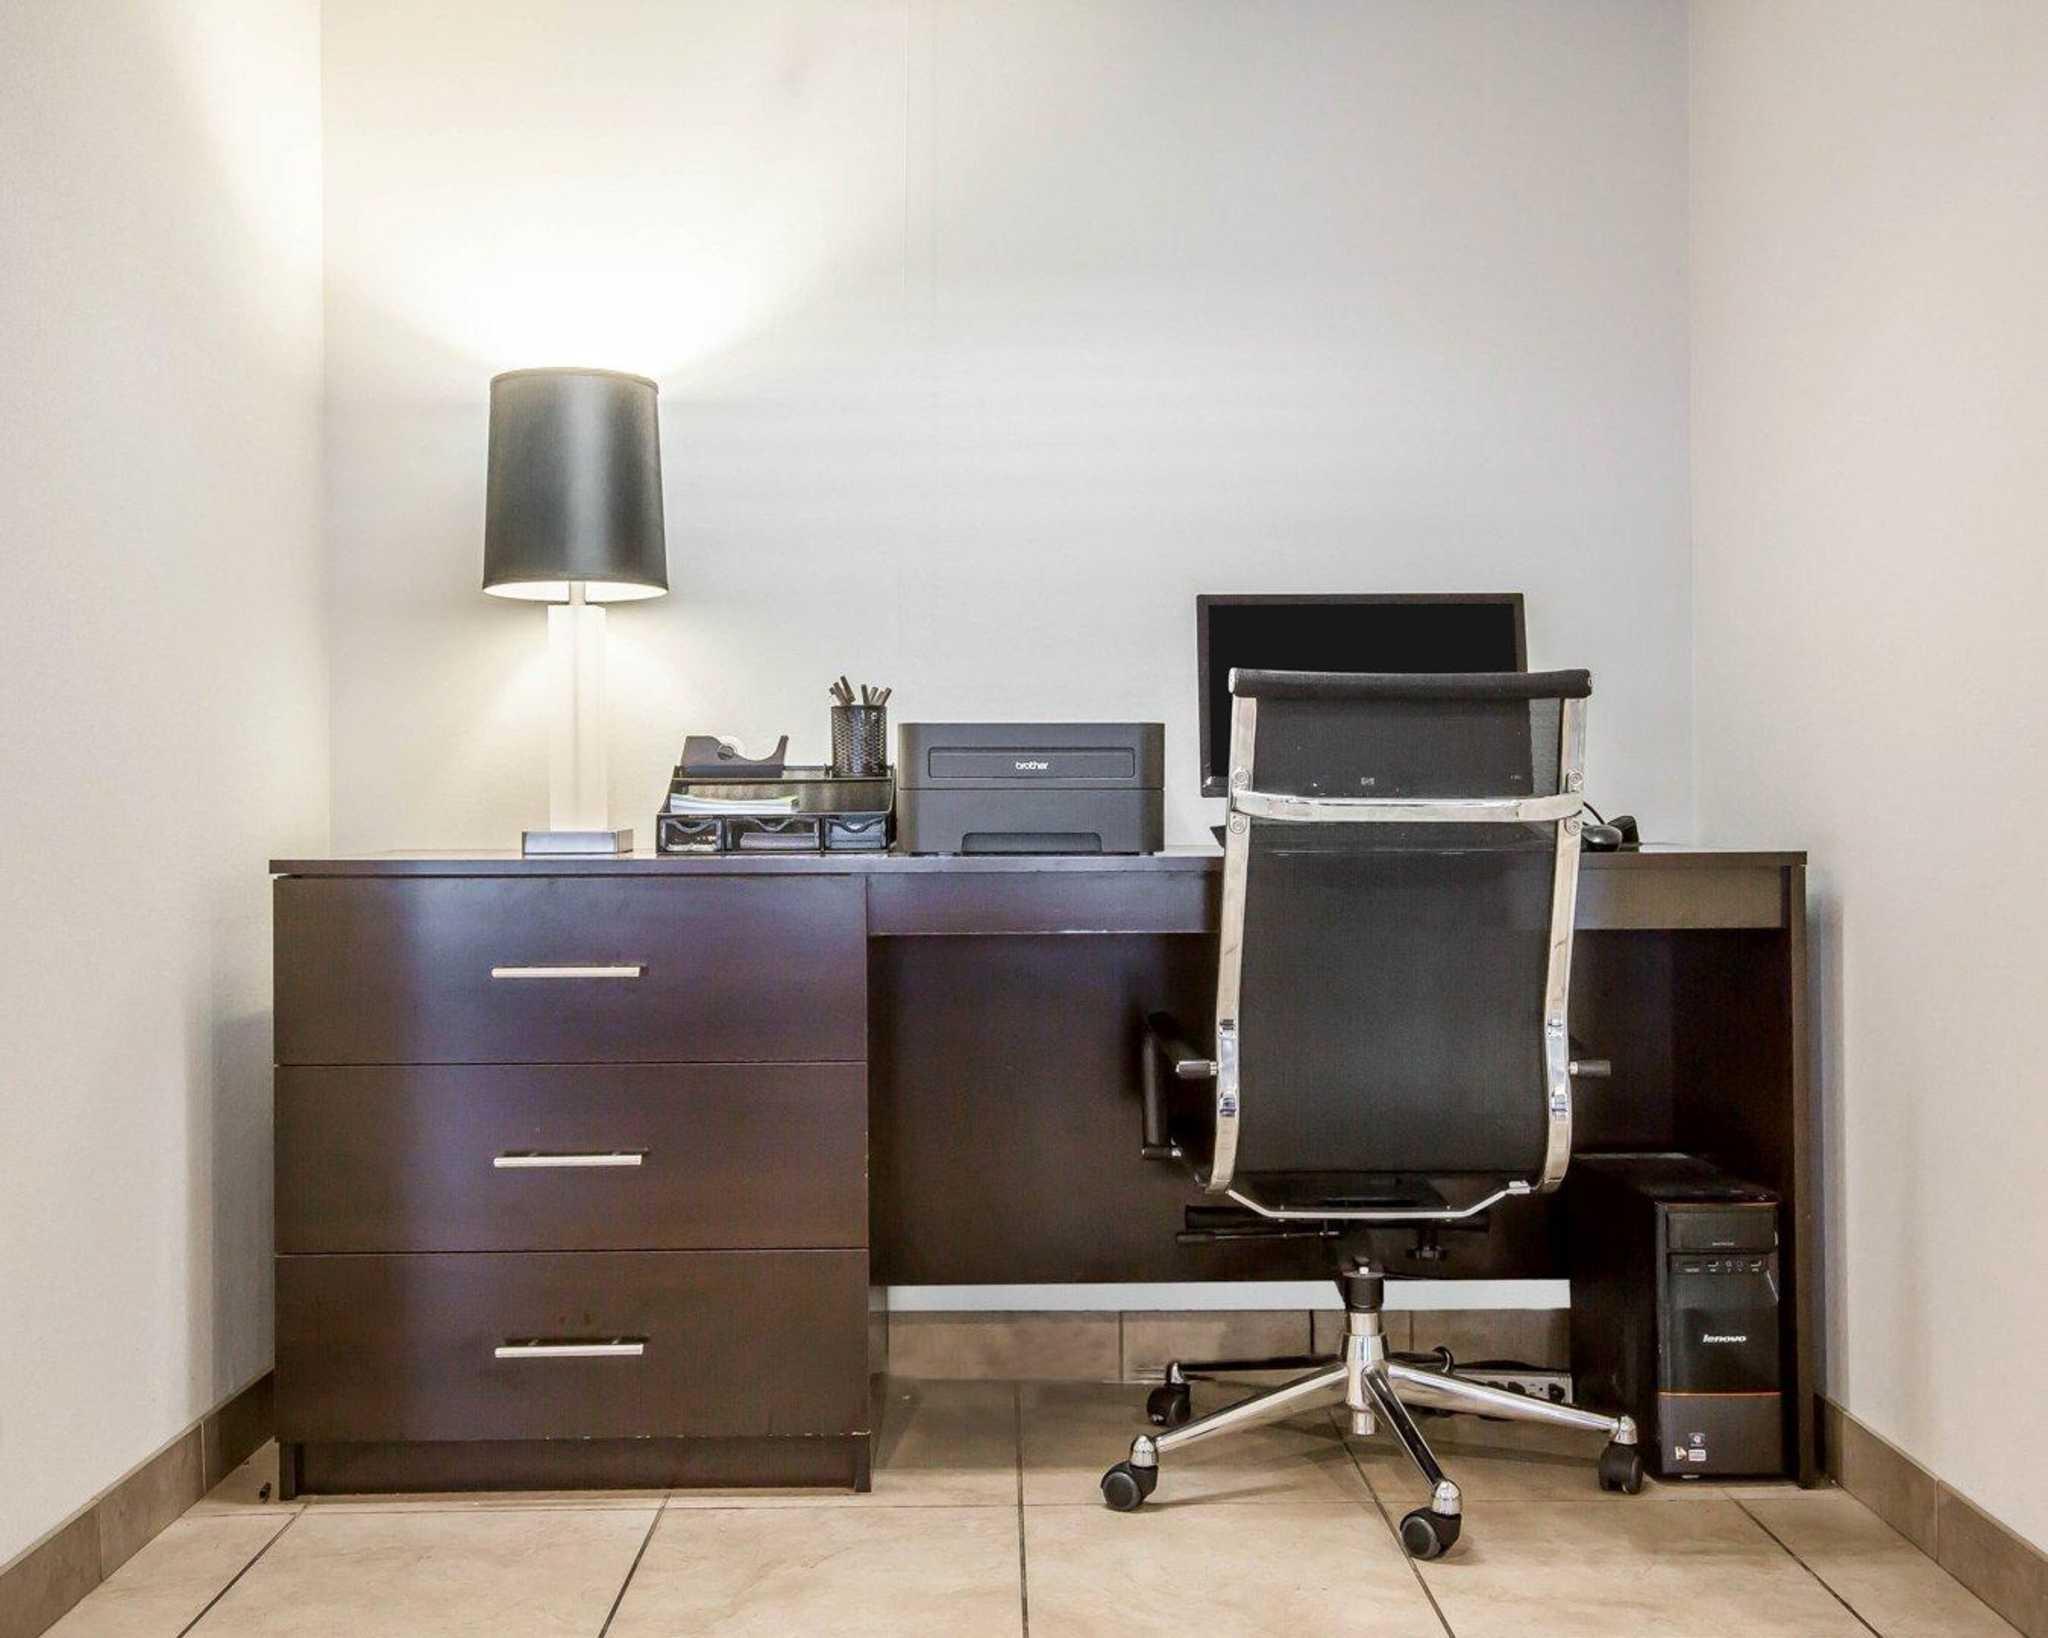 Sleep Inn & Suites image 32